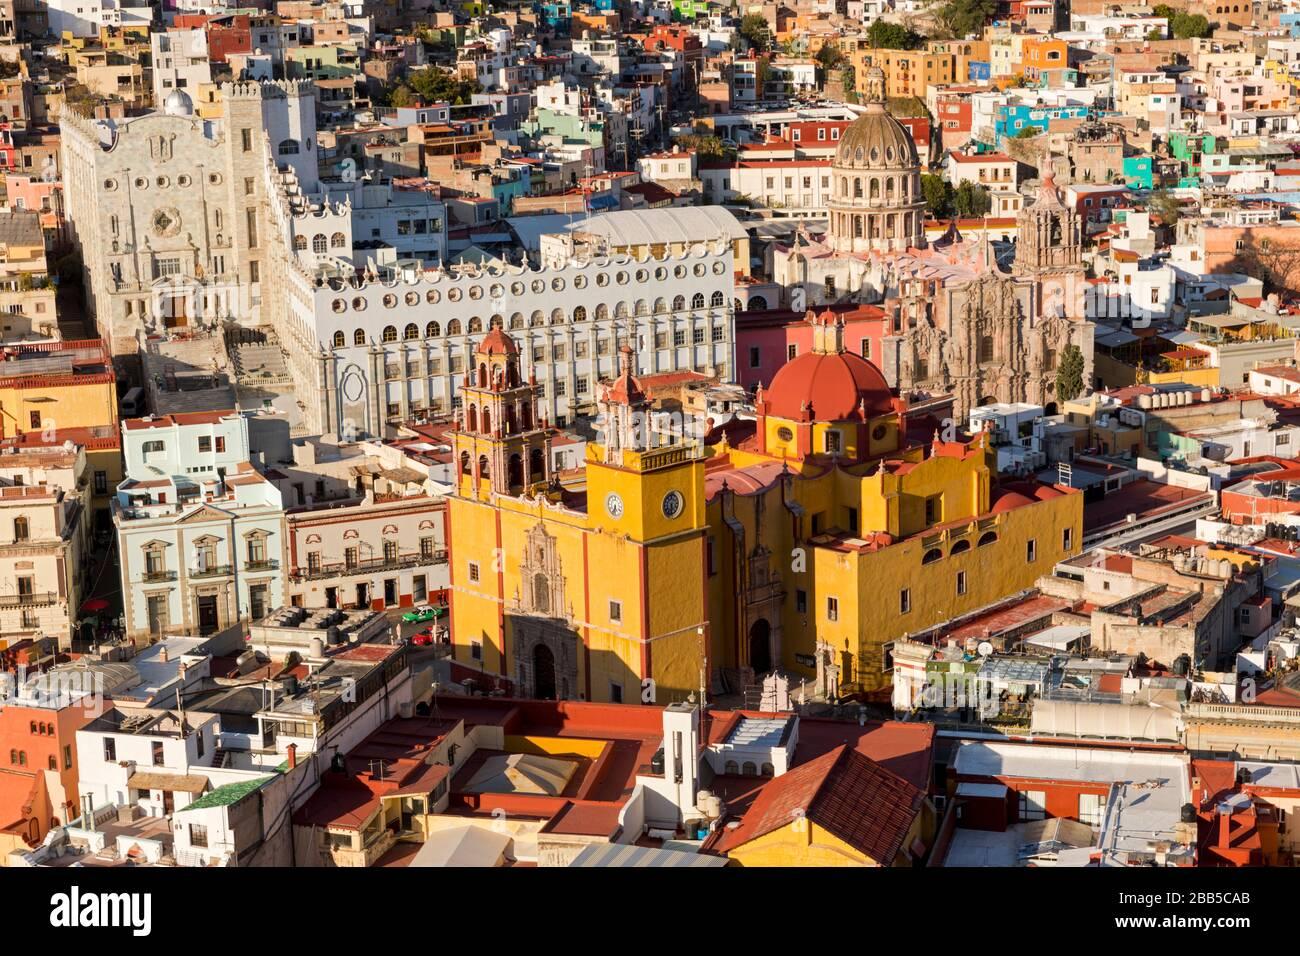 Ciudad de México, Guanajuato vista desde Monumento a el Pïpila. Guanajuato, Patrimonio de la Humanidad de la UNESCO Foto de stock